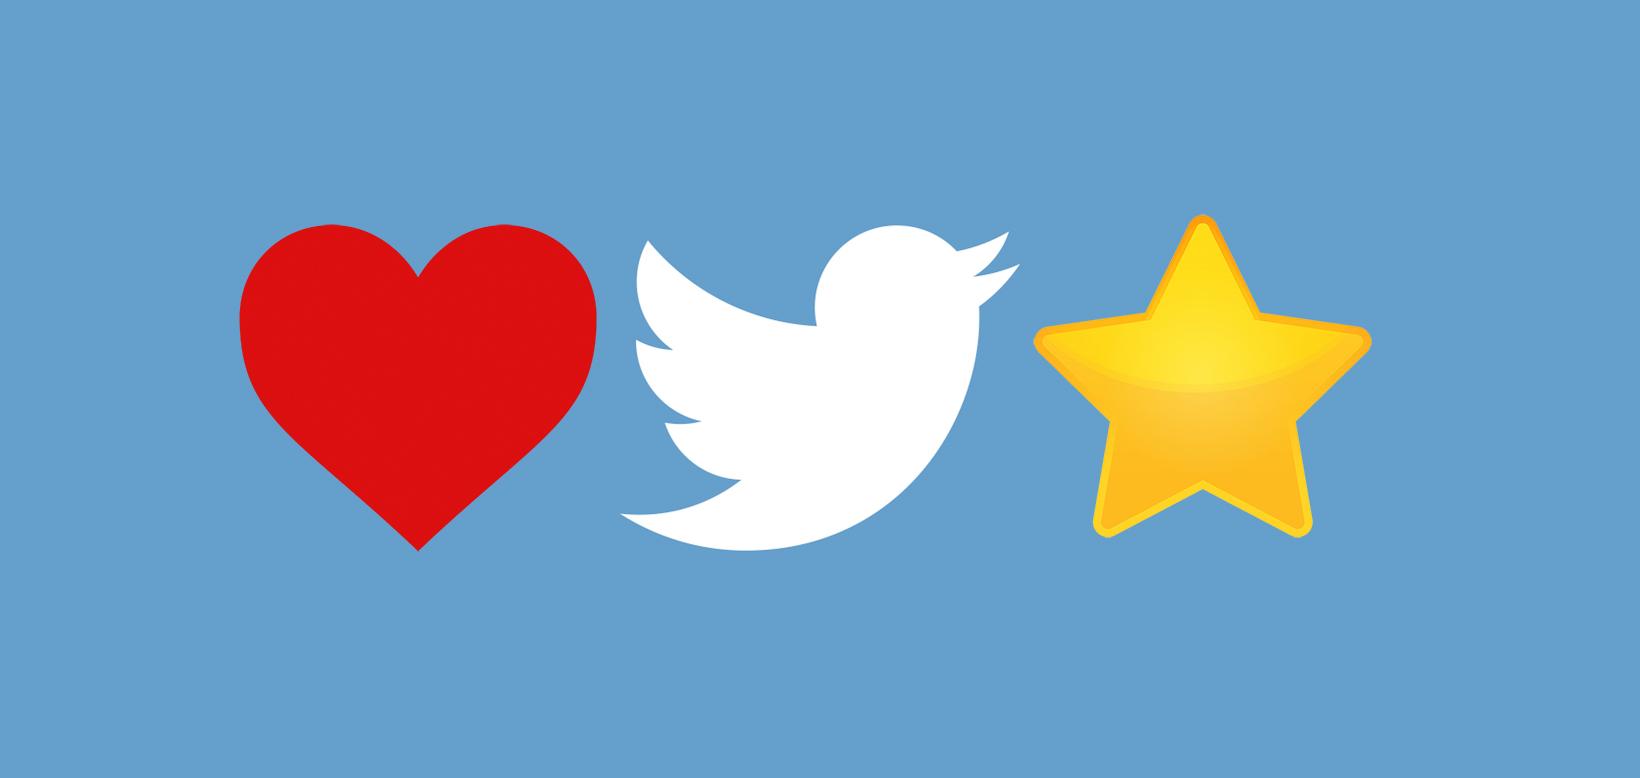 توییتر راه تقلید از اینستاگرام و فیسبوک را در پیش گرفت